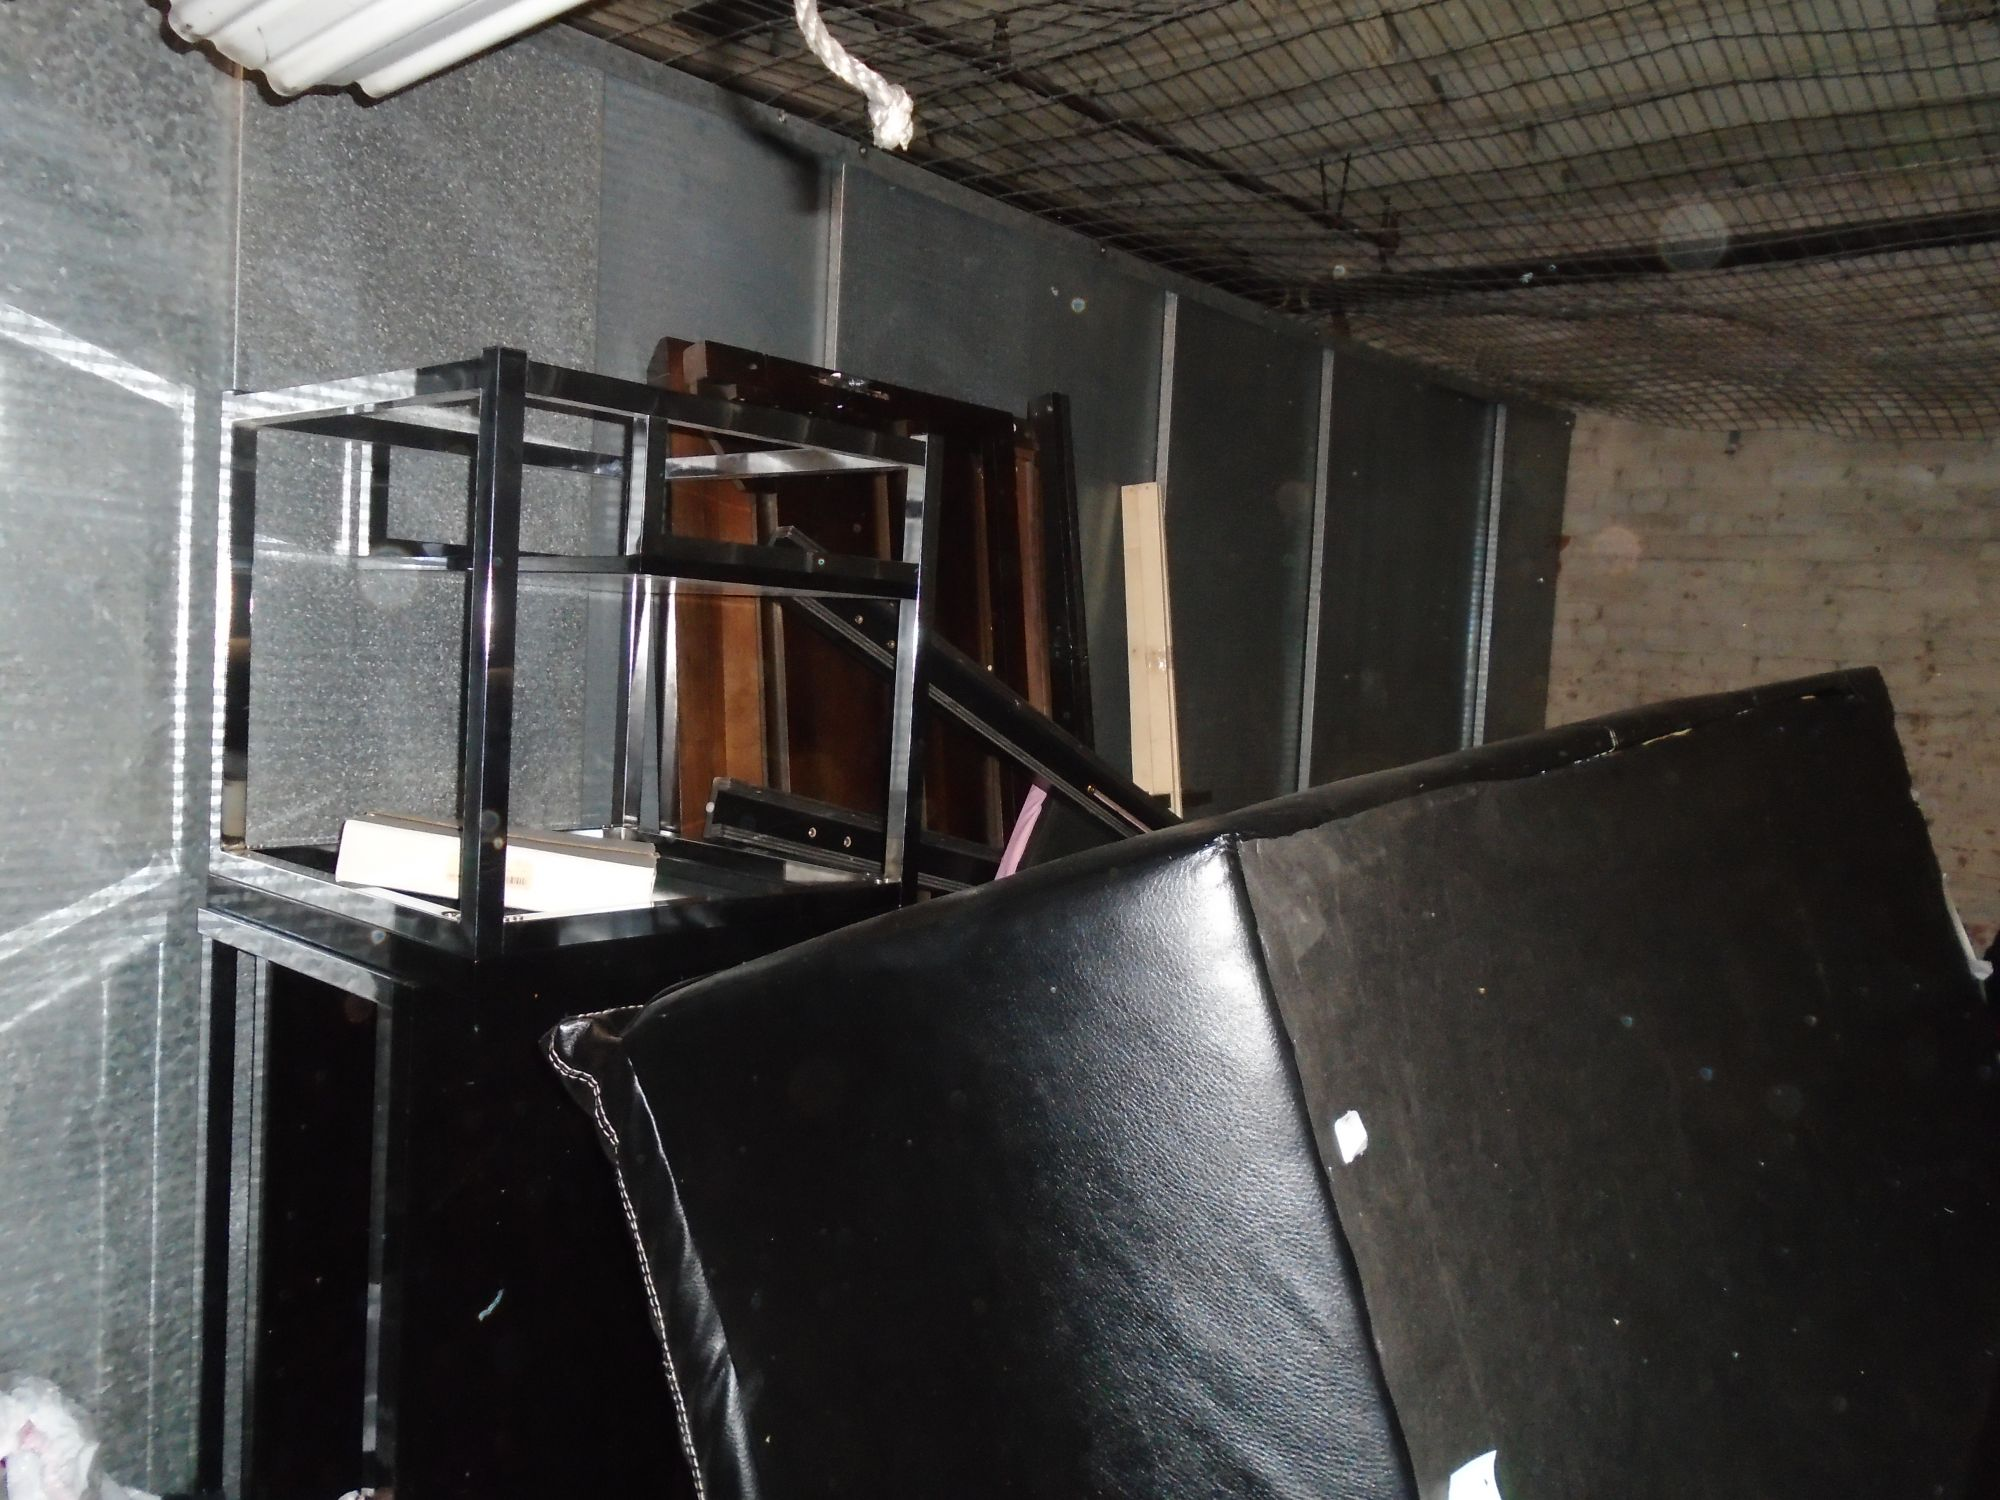 Storage Unit Auction 539951 Baltimore Md & Baltimore Storage Units - Listitdallas